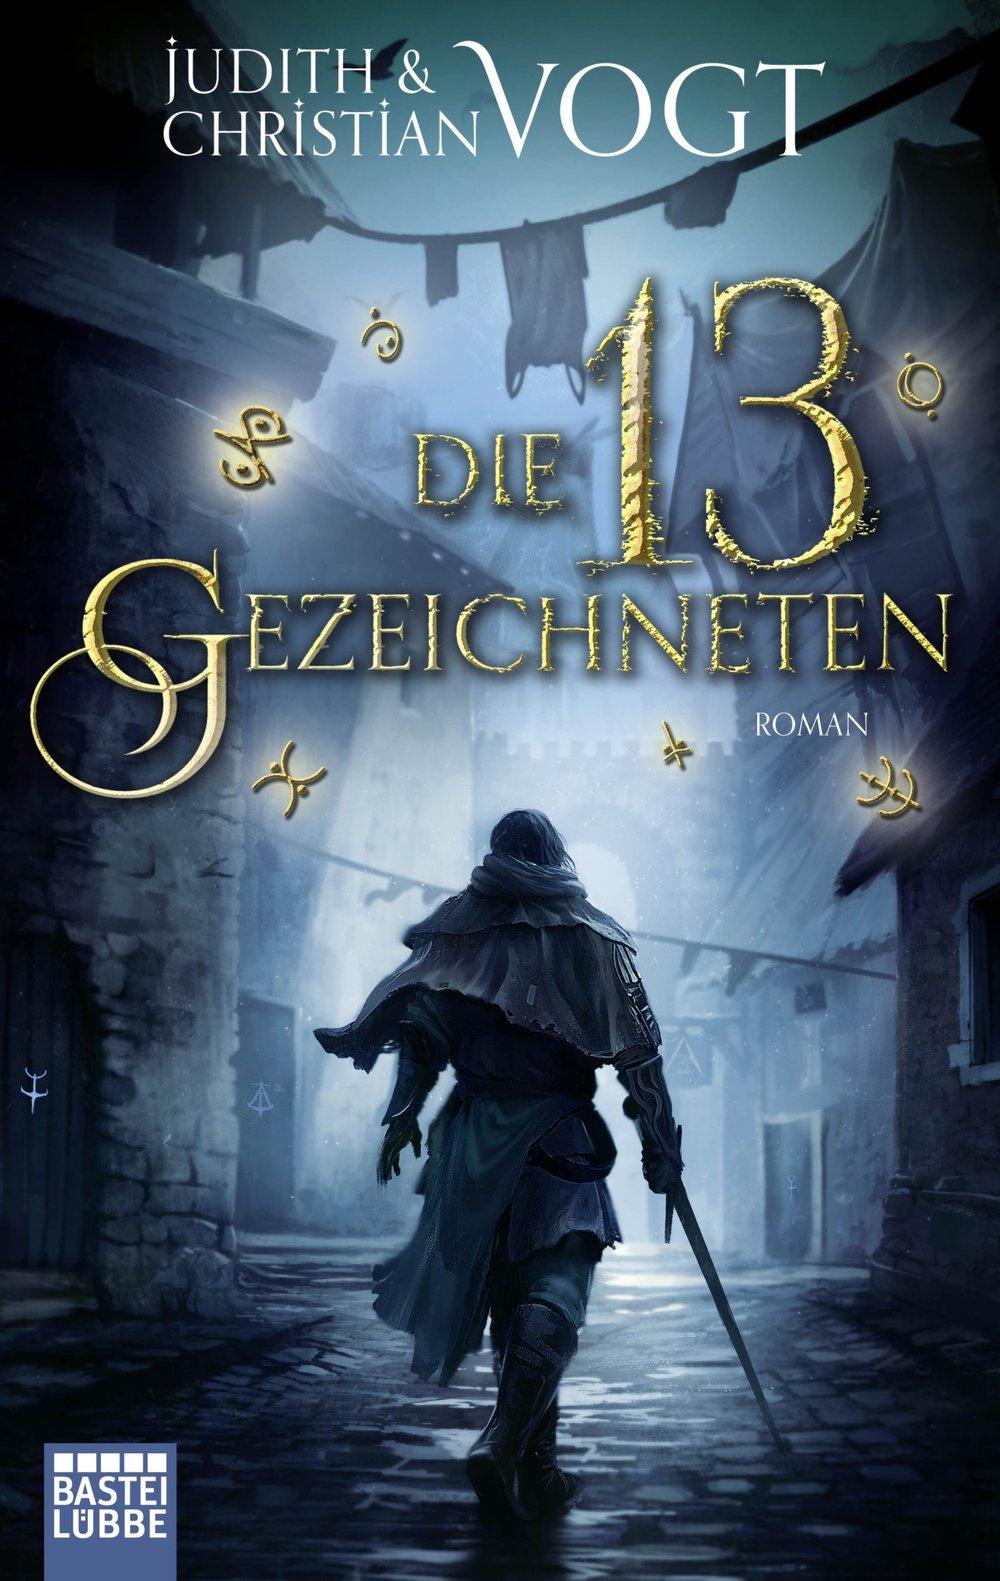 Die-13-Gezeichneten_Judith-Christian-Vogt.jpg